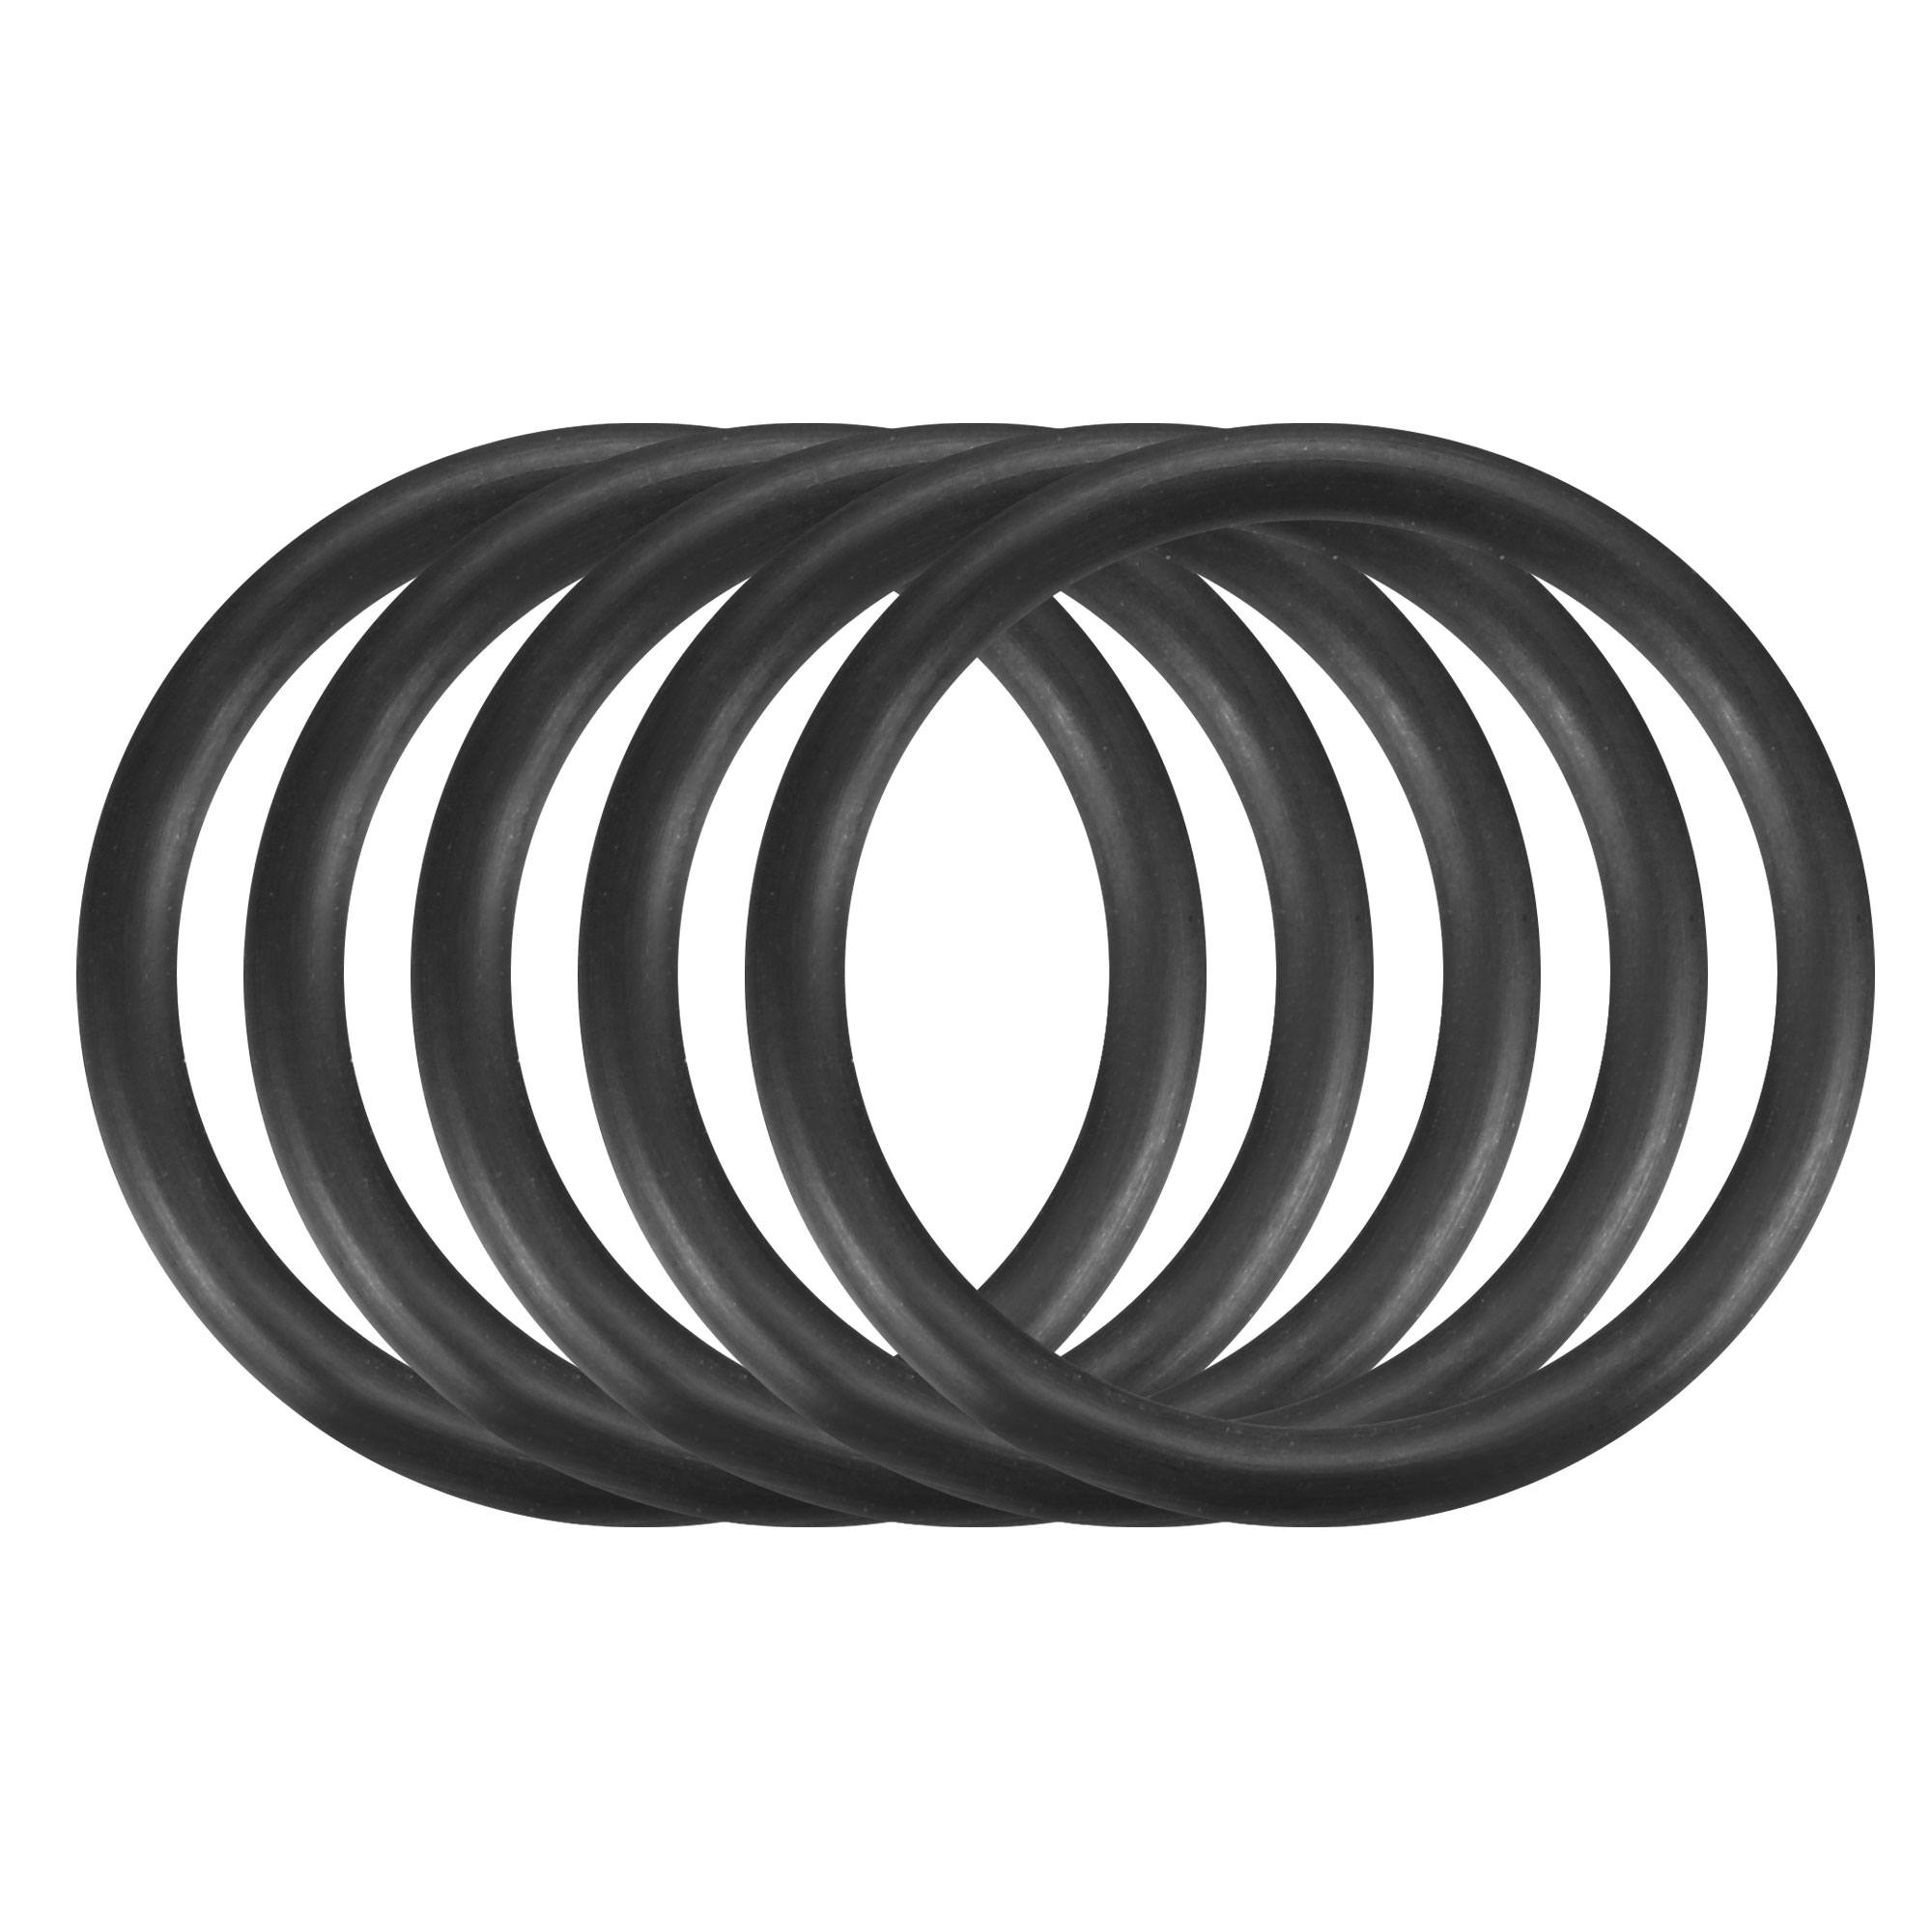 30pcs Black Nitrile Butadiene Rubber NBR O-Ring 19.5mm Inner Dia 2.4mm Width